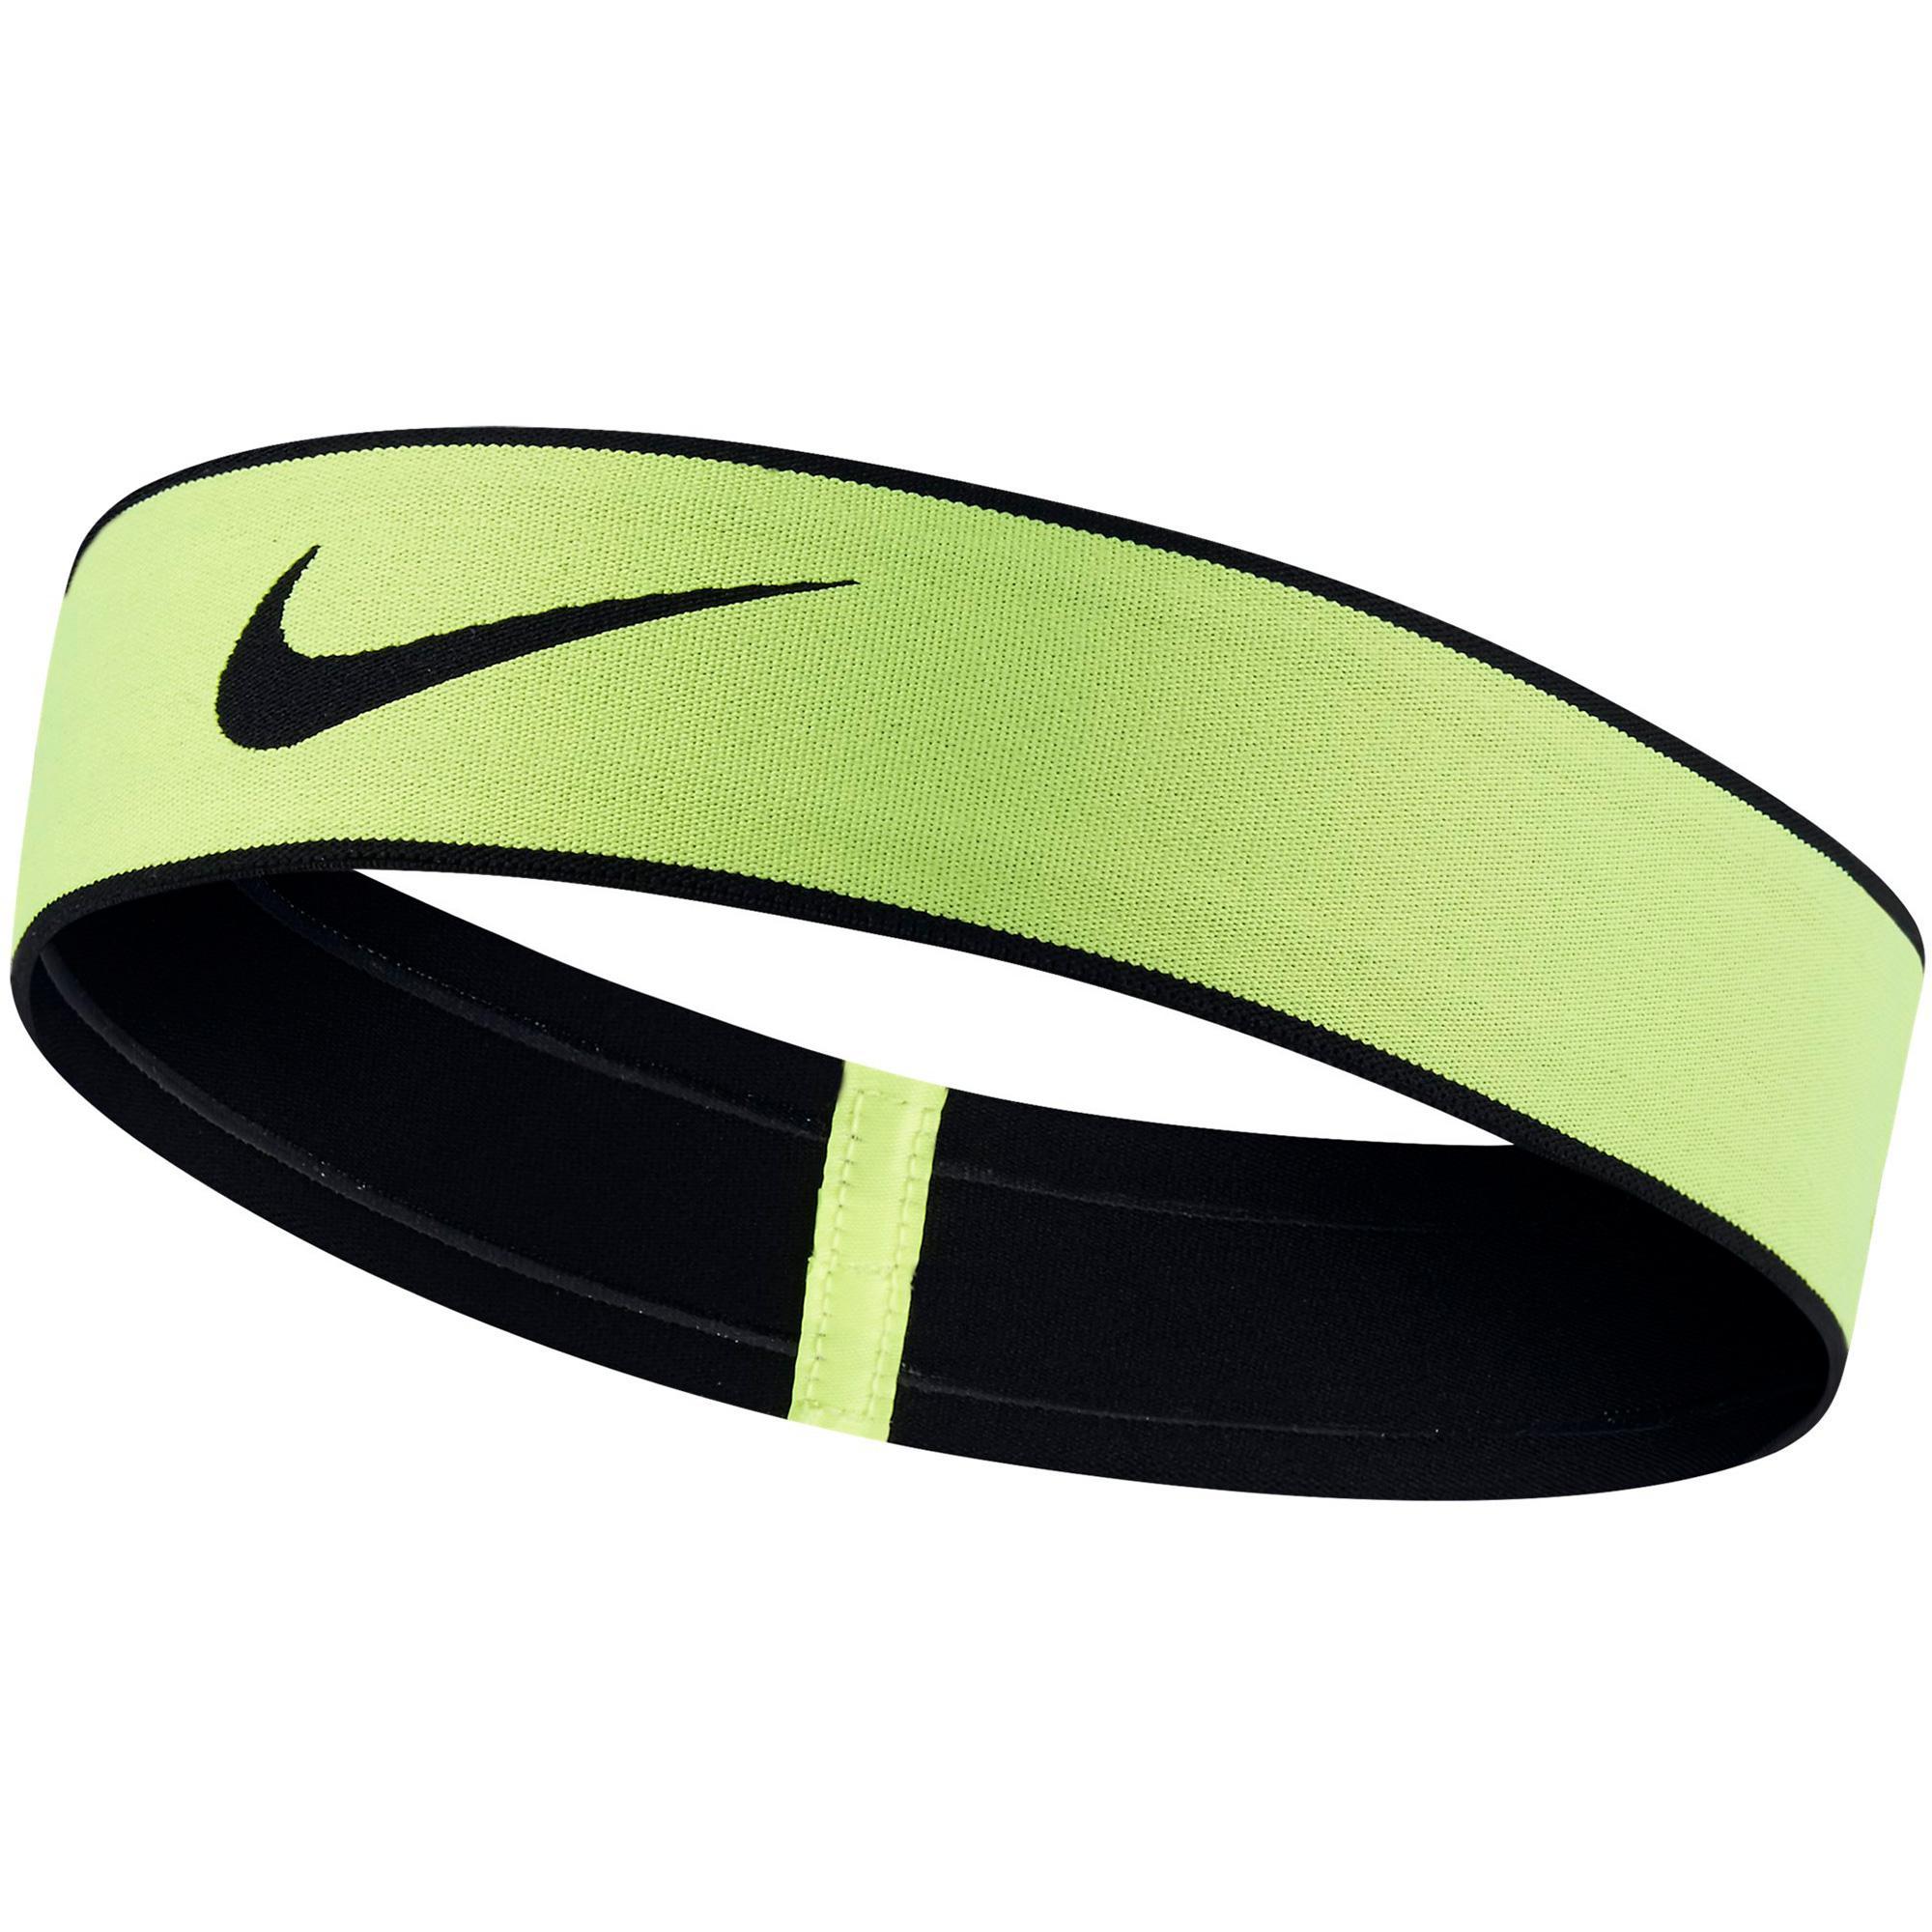 Nike Pro Swoosh Headband 2.0 - Volt Black - Tennisnuts.com f9f9dda0804